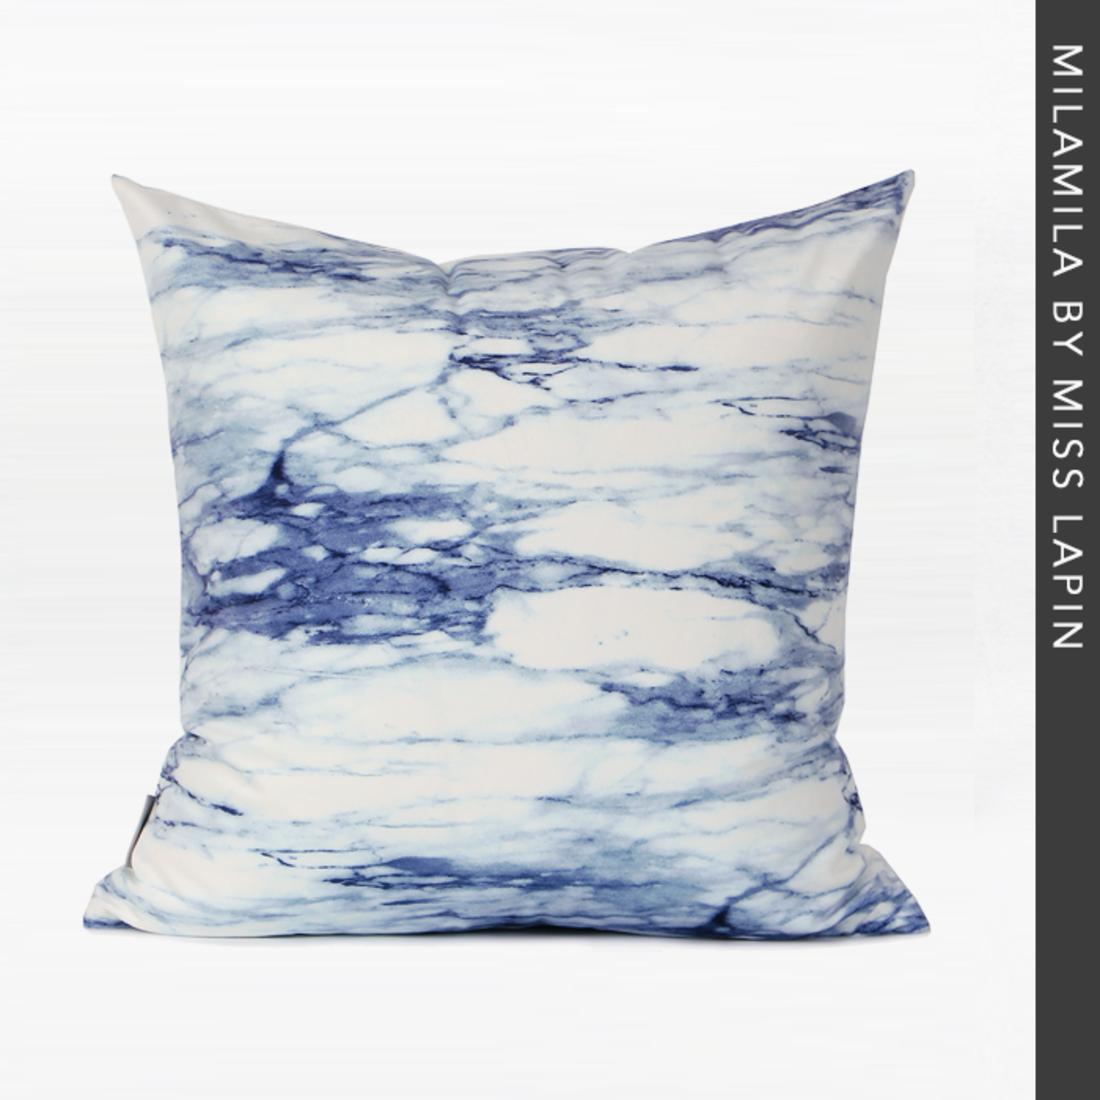 澜品简约现代/布艺靠包靠垫抱枕/蓝色抽象油画水彩数码印花方枕